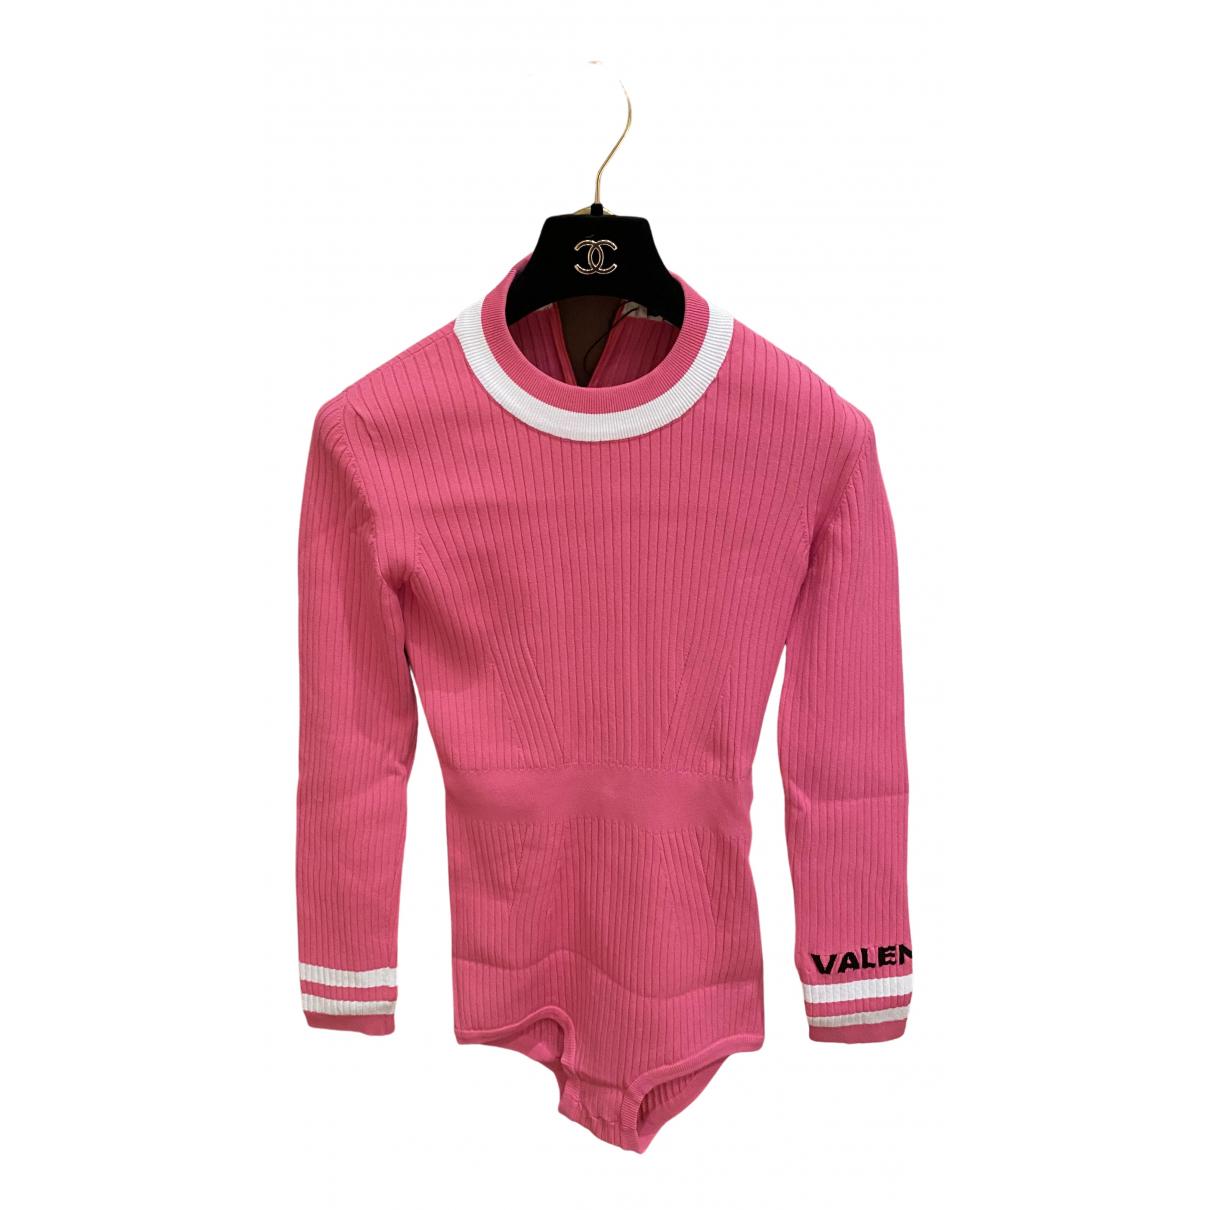 Valentino Garavani N Pink Cotton  top for Women S International